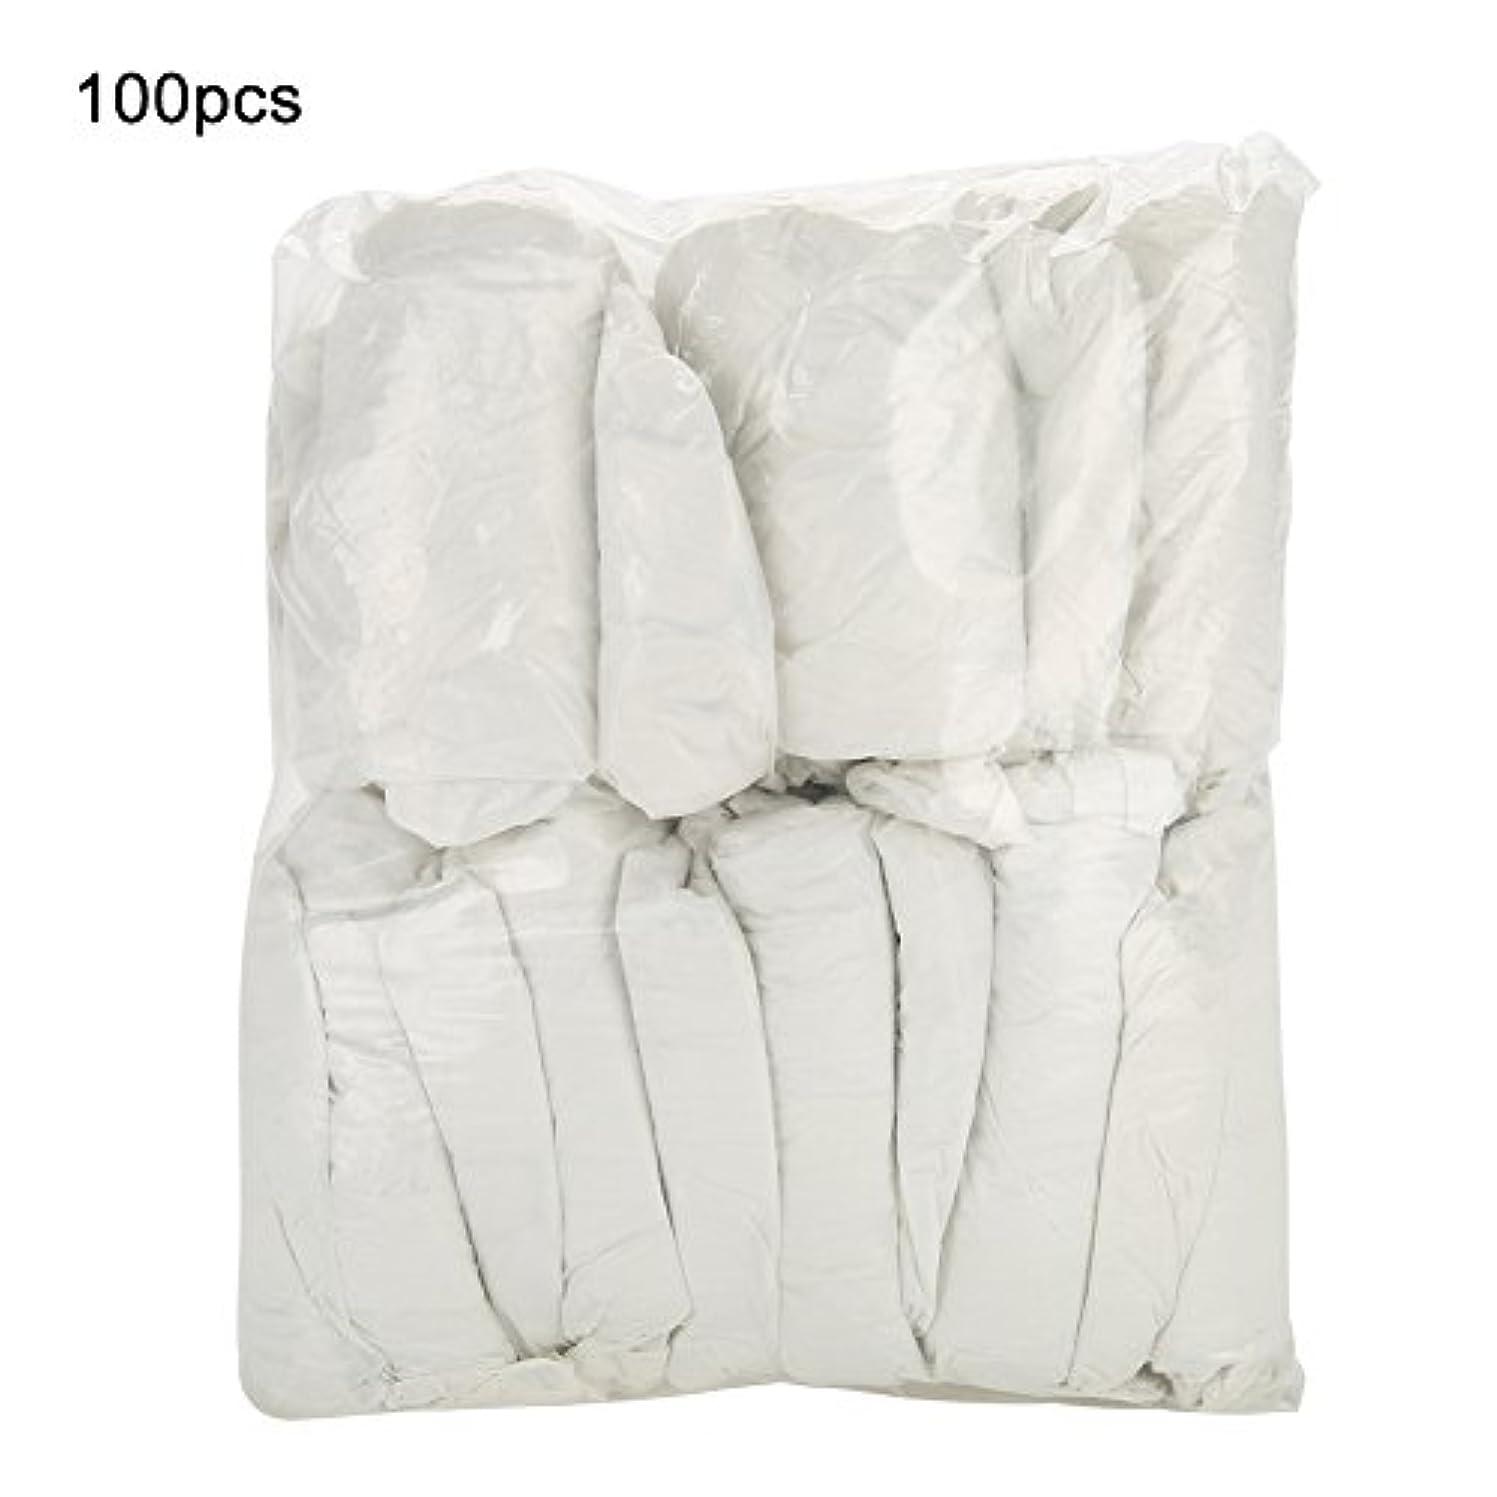 推測する参照環境Semme 100pcs / bag使い捨てPlasticTattooスリーブ、滅菌タトゥーアームスリーブスリーブレットカバー保護